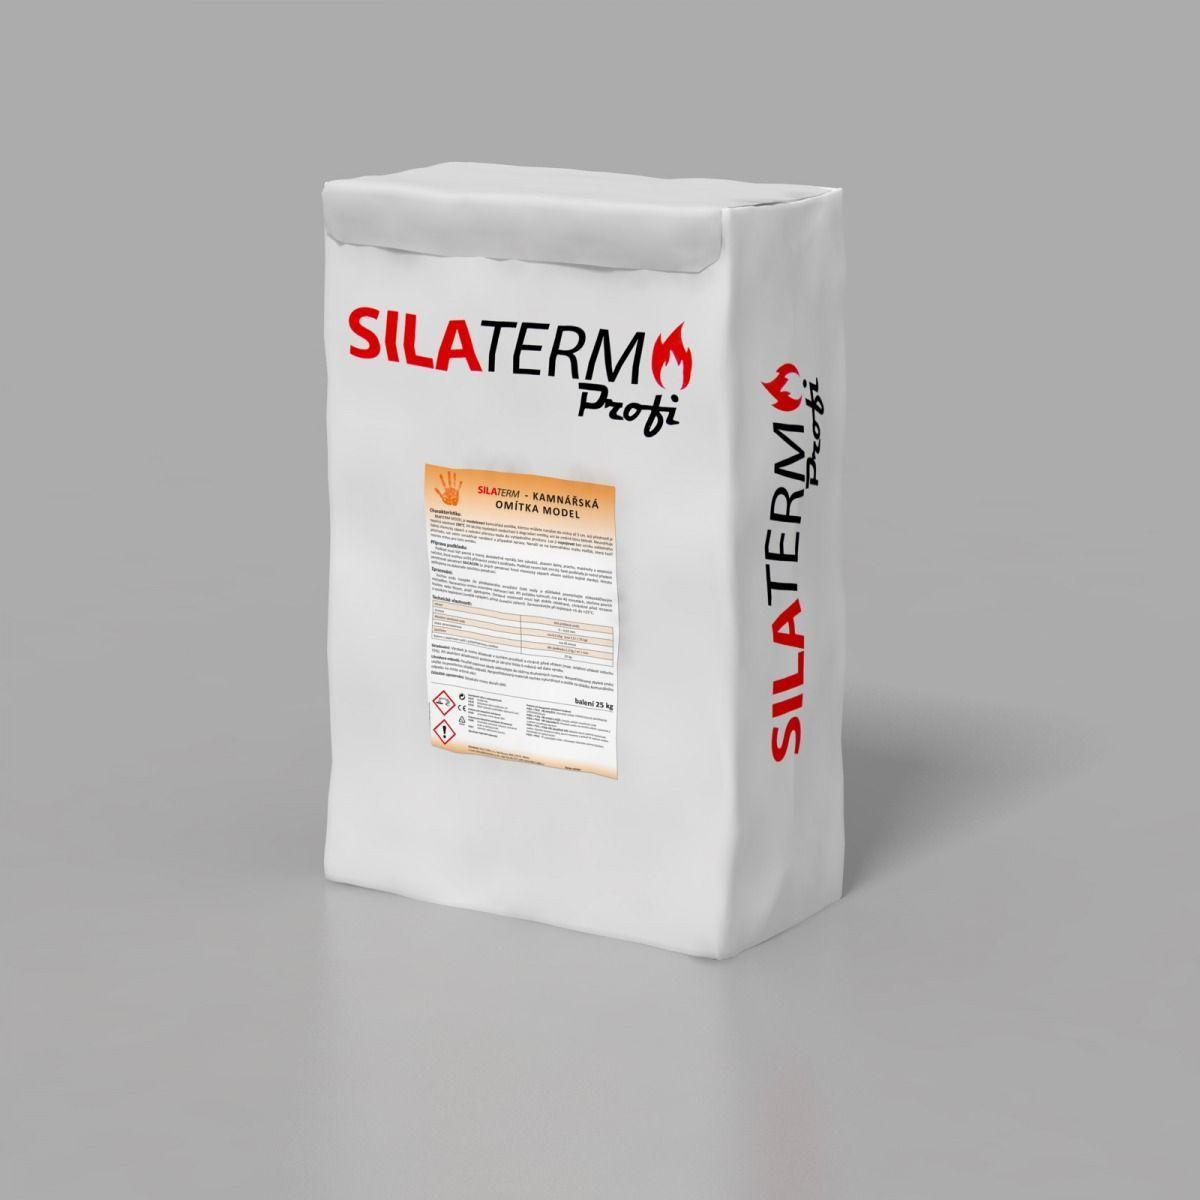 KRATKI Kamnářská omítka MODEL - 5 kg Silaterm